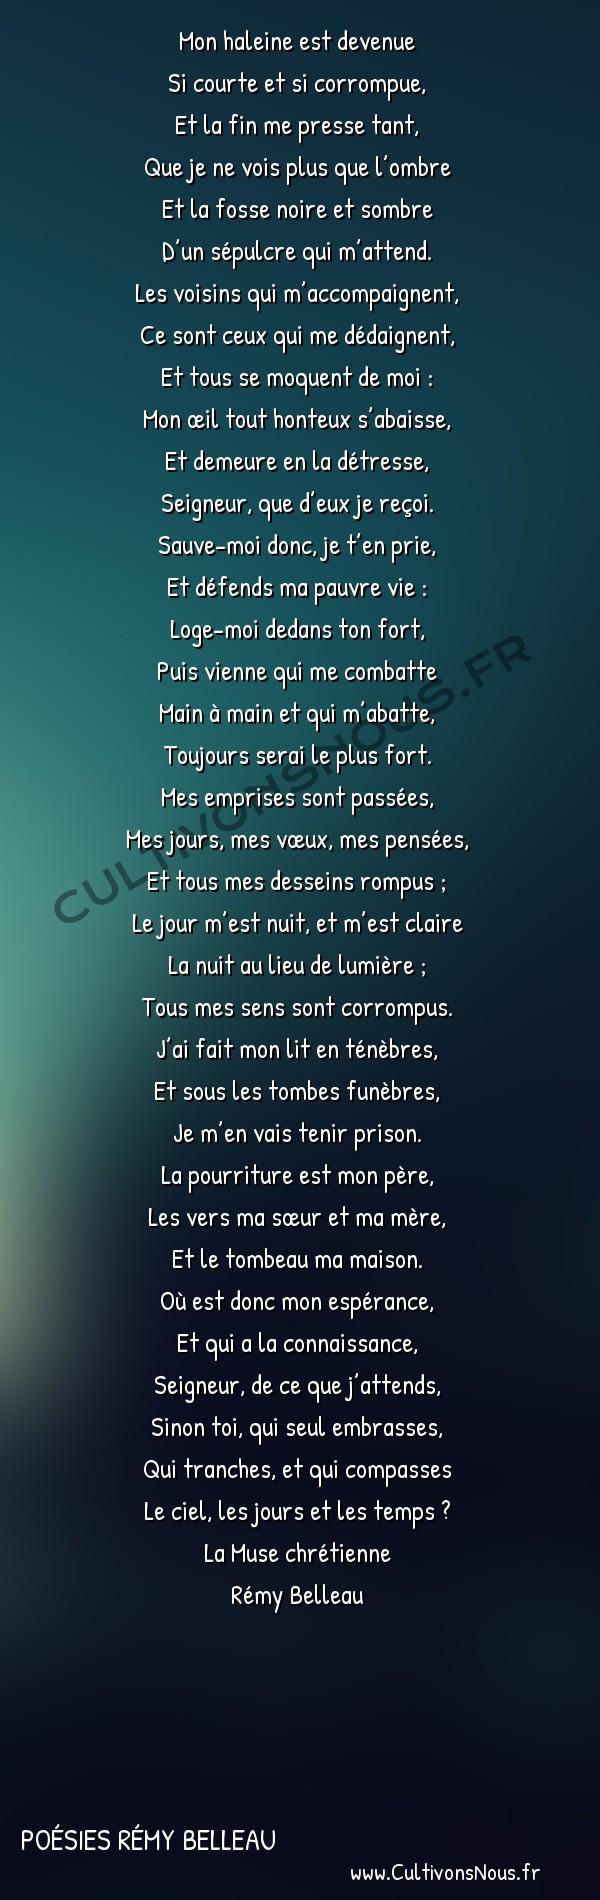 Poésies Rémy Belleau - La Muse Chrétienne - Mon haleine est devenue -  Mon haleine est devenue Si courte et si corrompue,